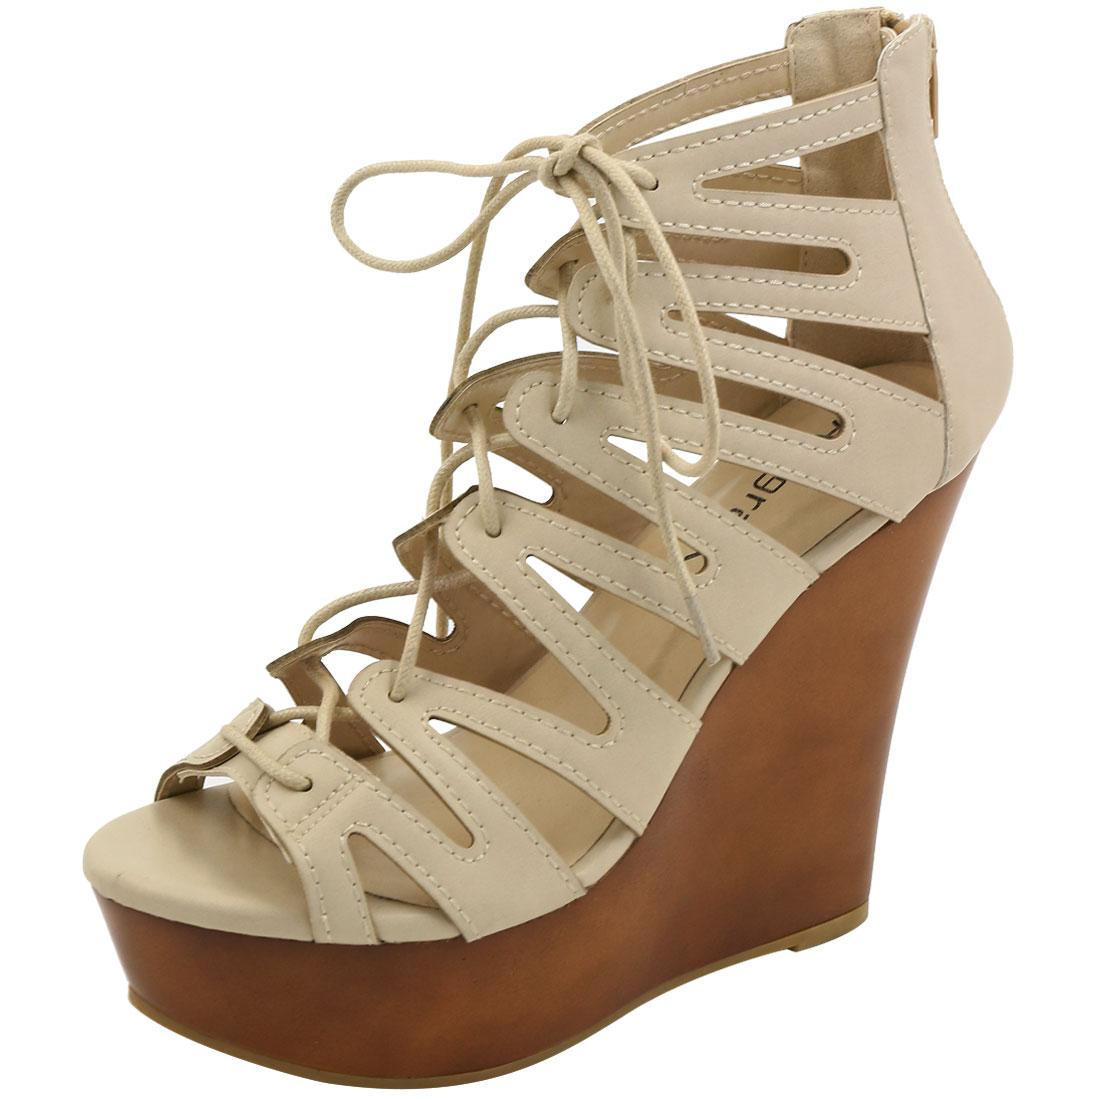 Woman Open Toe Lace-Up Cutout Platform Wedge Sandals Beige US 7